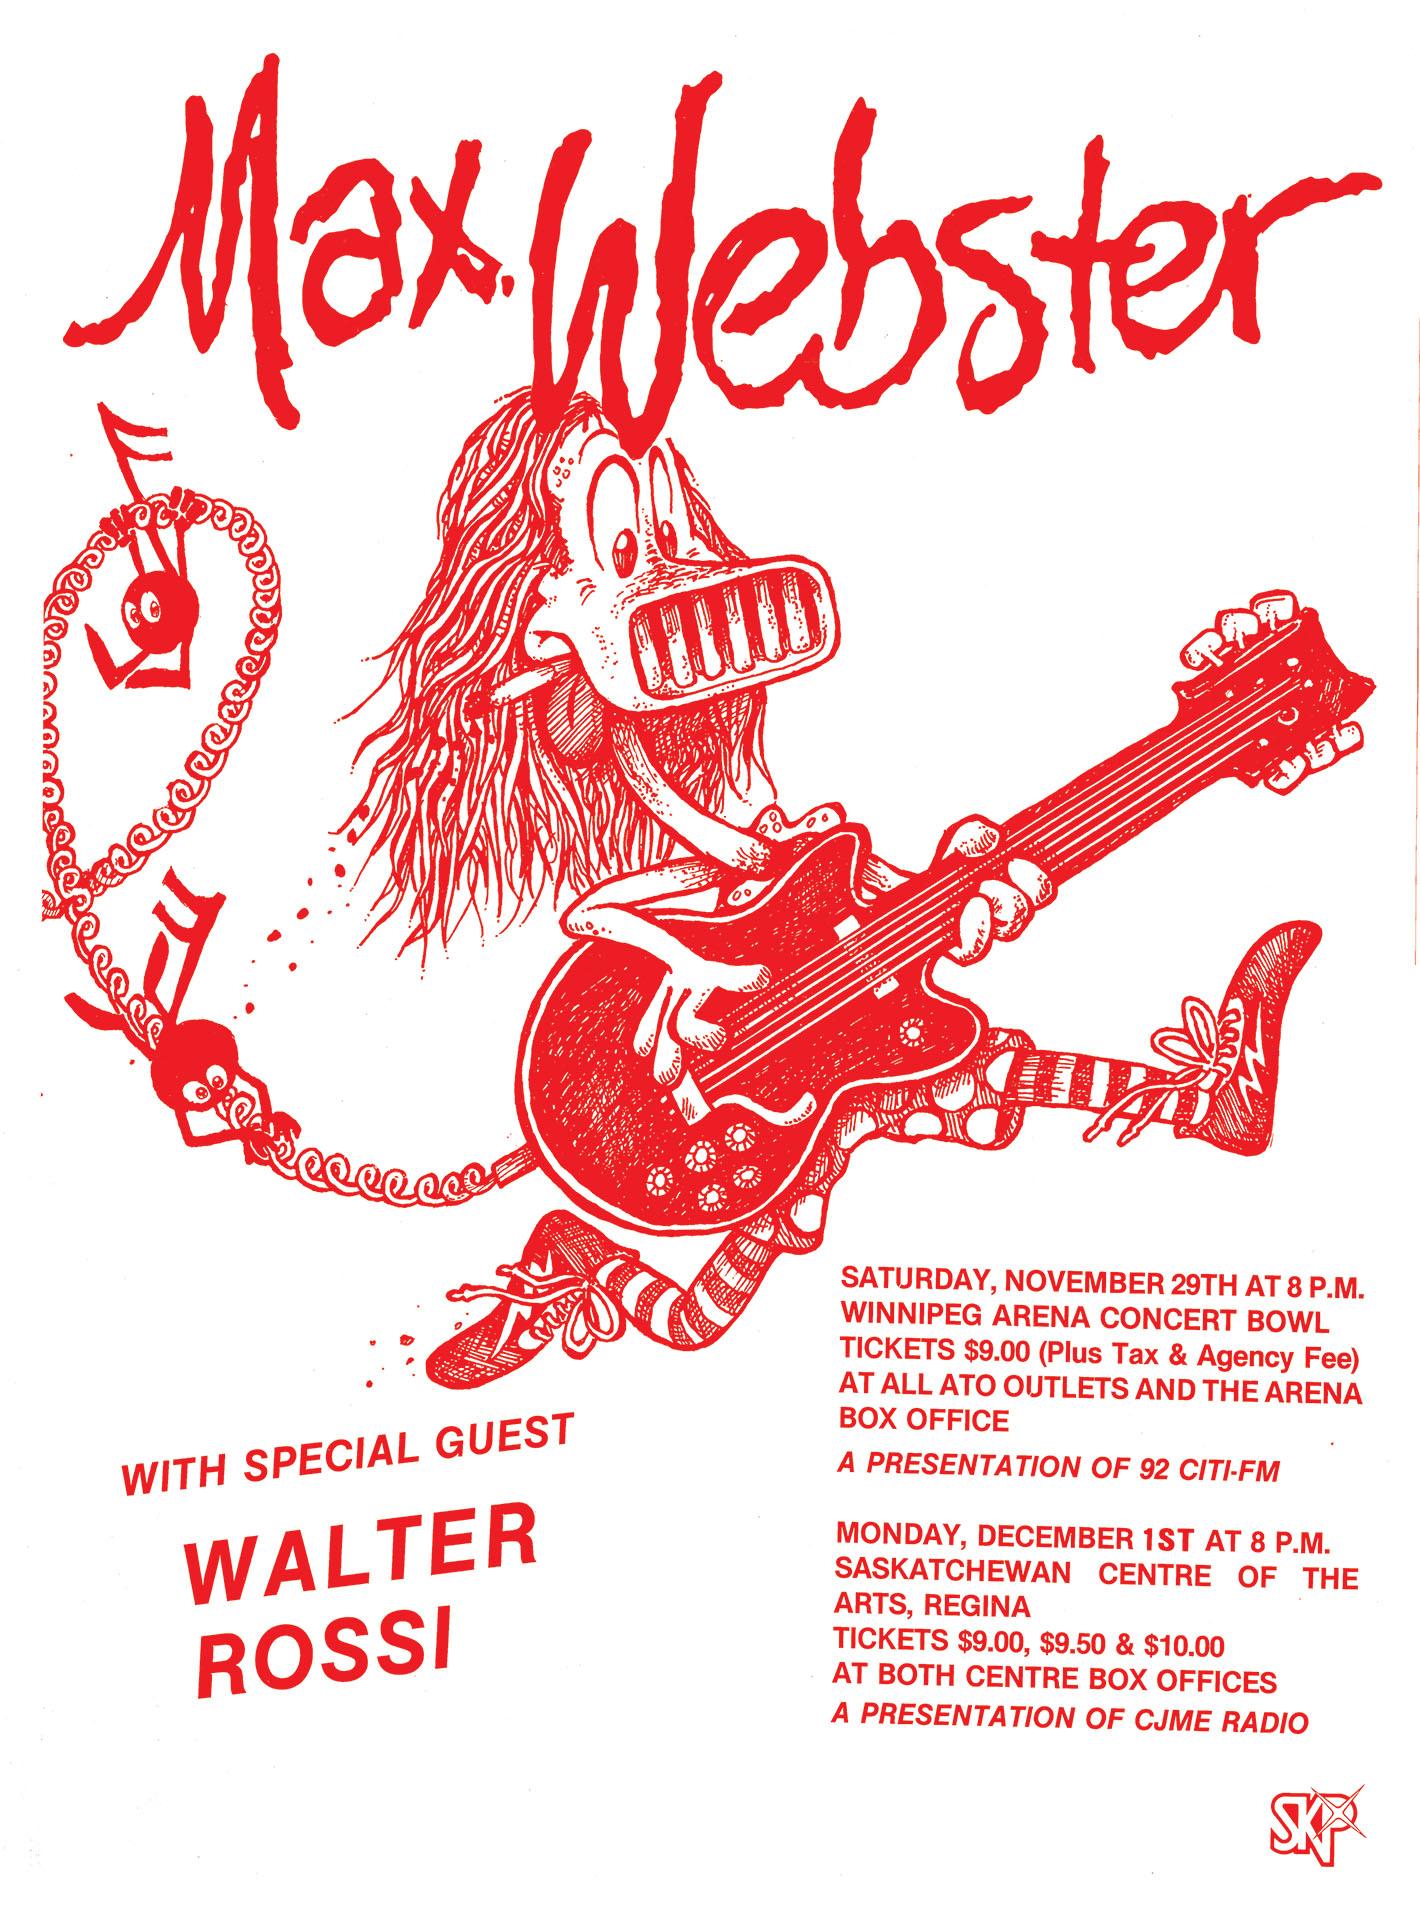 MAX WEBSTER – 1980